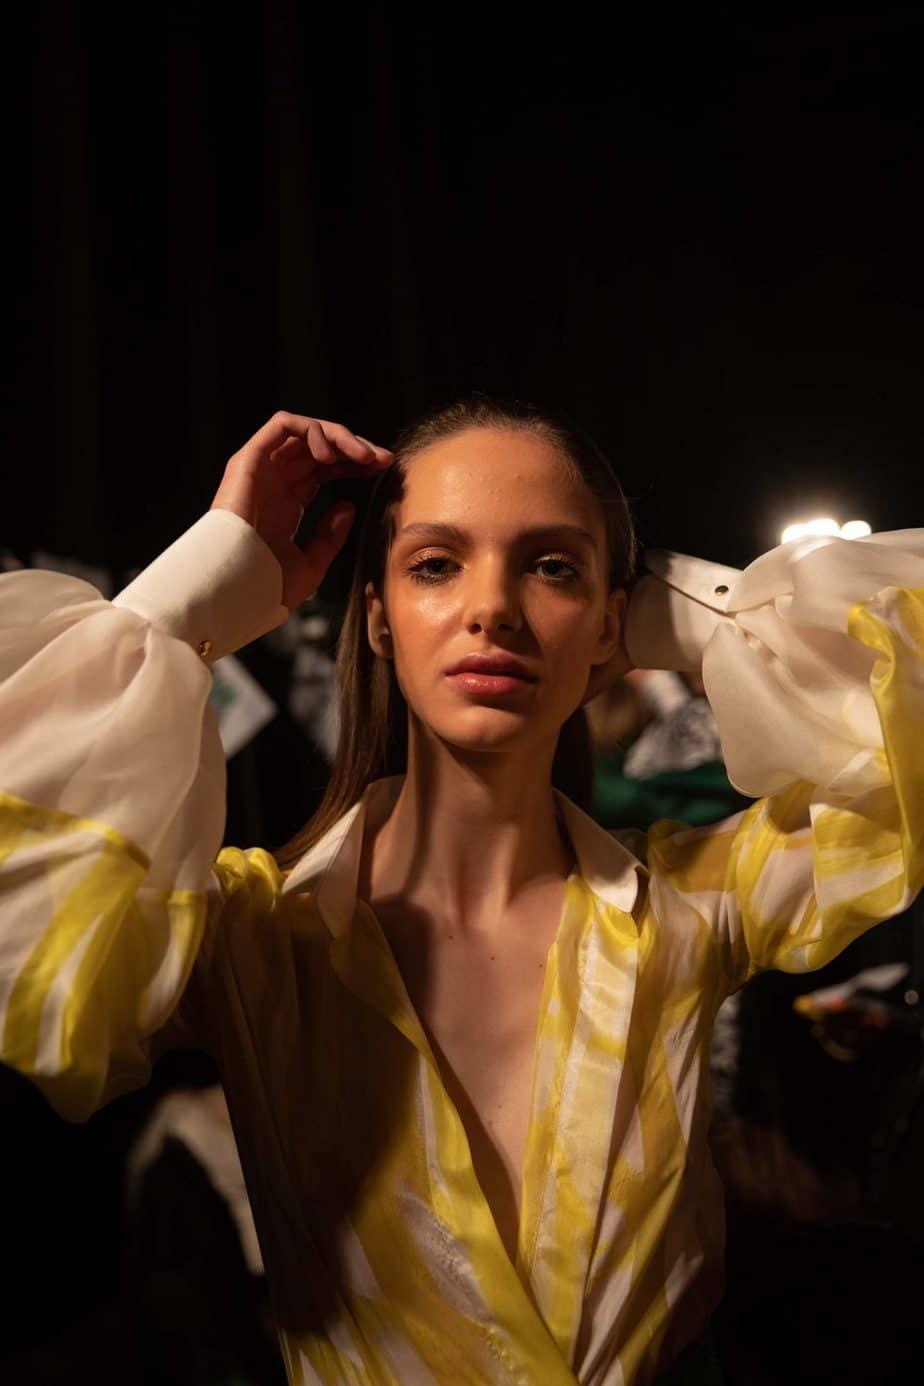 שבוע האופנה תל אביב 2019. צילום עומר קפלן - 7